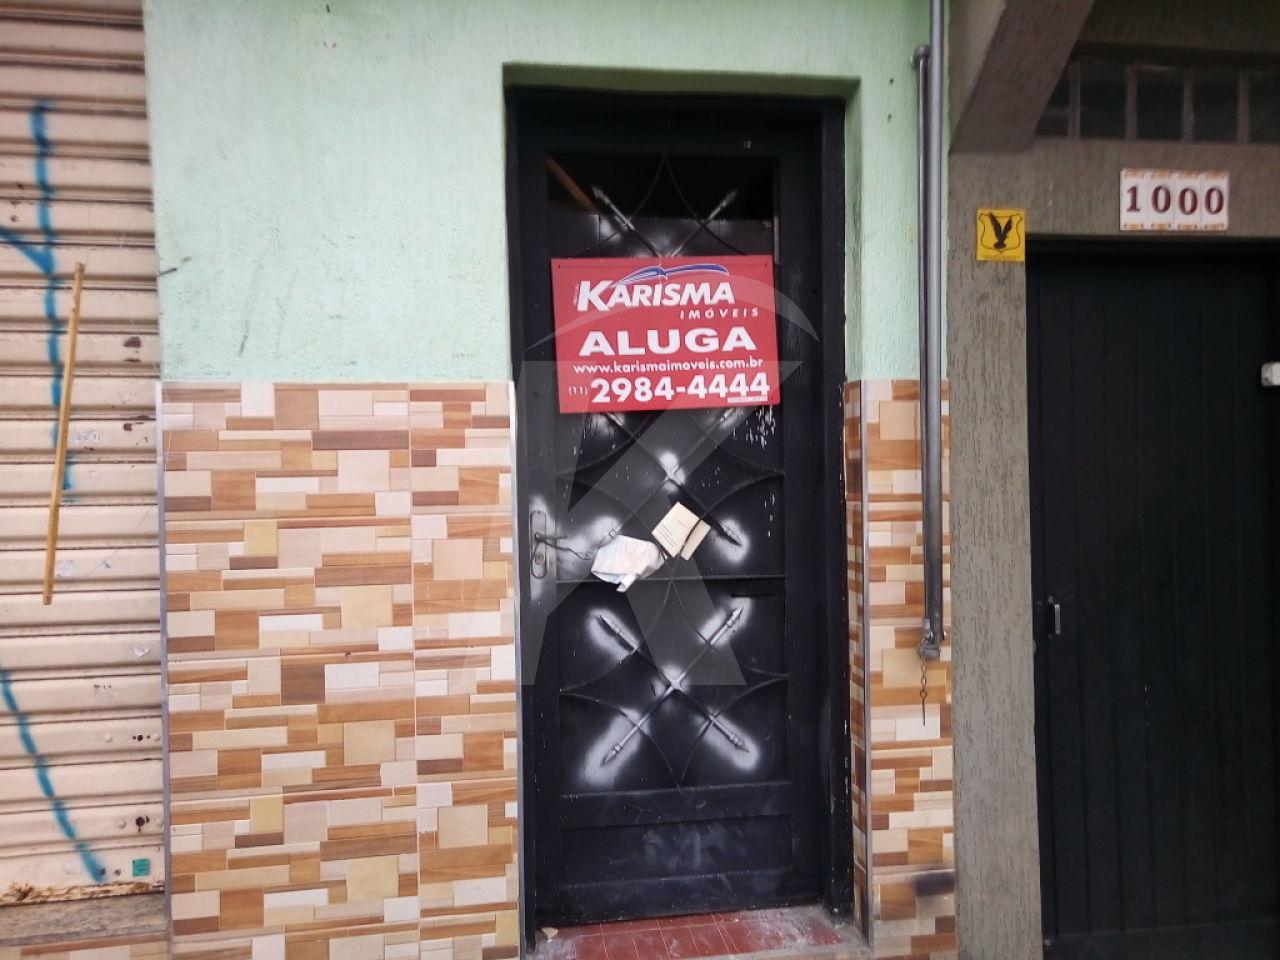 Casa  Vila Gustavo - 2 Dormitório(s) - São Paulo - SP - REF. KA5313